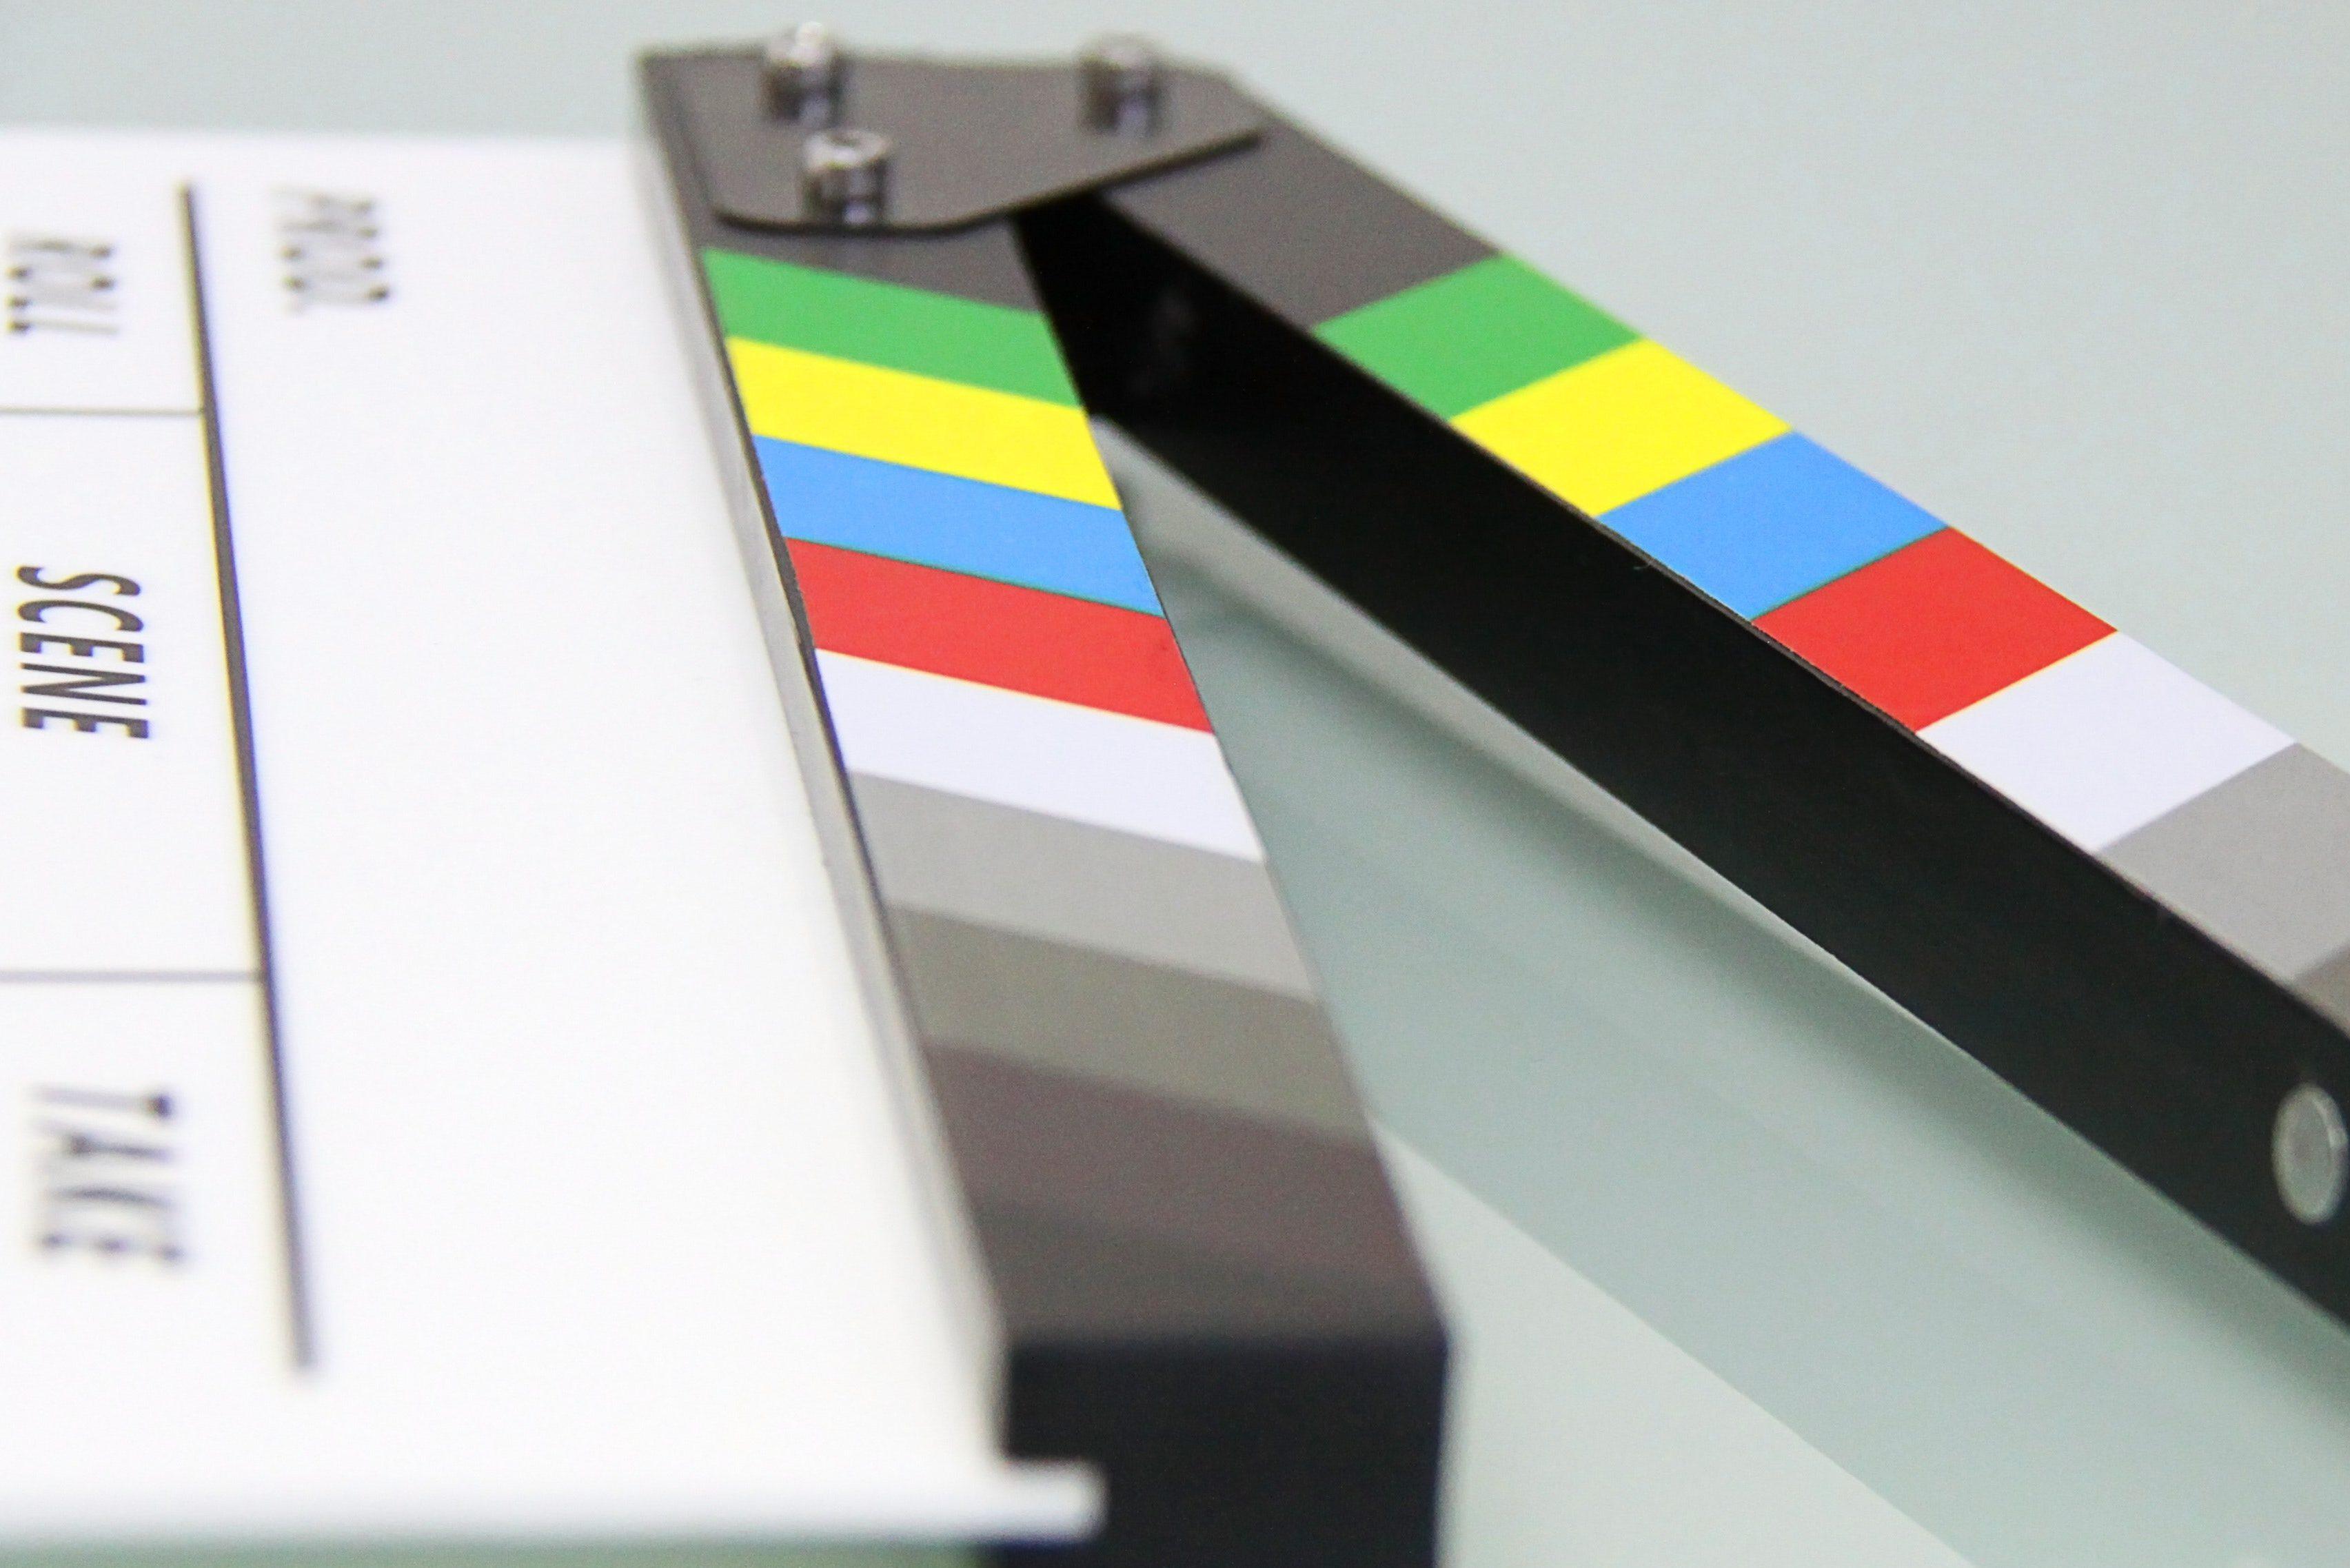 映画監督になるには?方法やスキルを解説